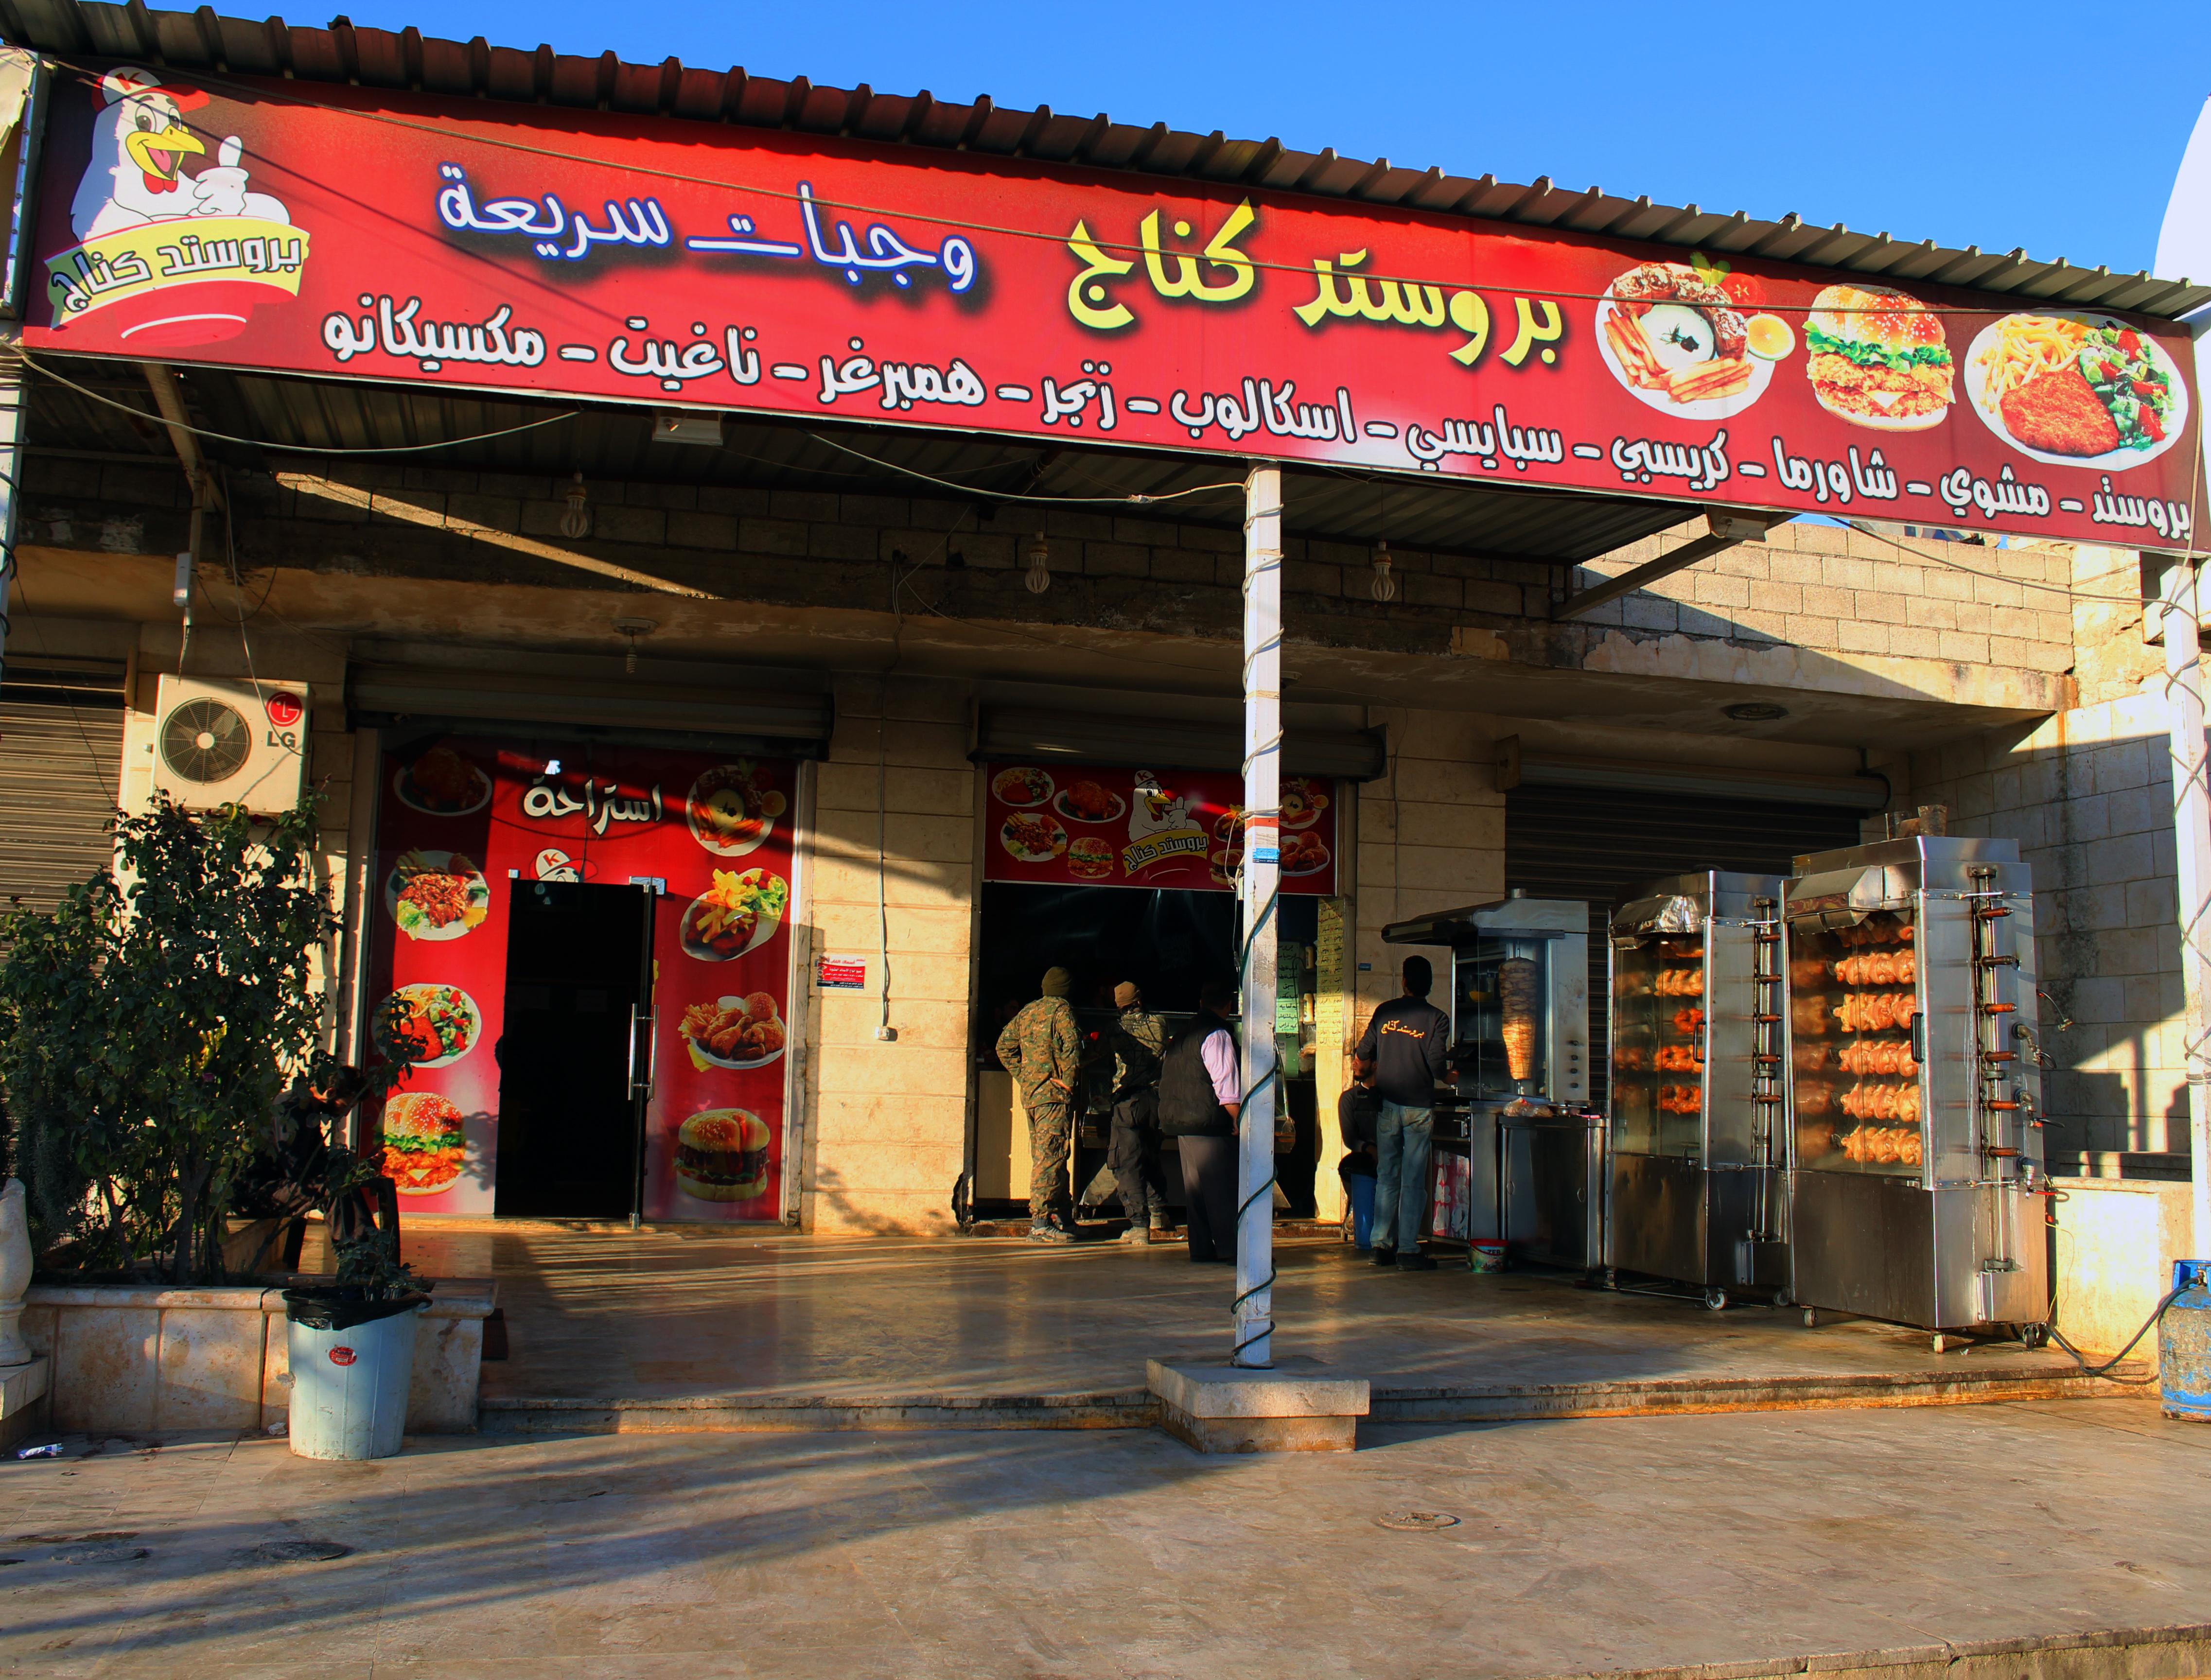 الإقبال على مطاعم الوجبات الجاهزة في المناطق المحررة يكاد يكون مقتصرا على السياح المجاهدين  (الغربال – زاهر سواس)